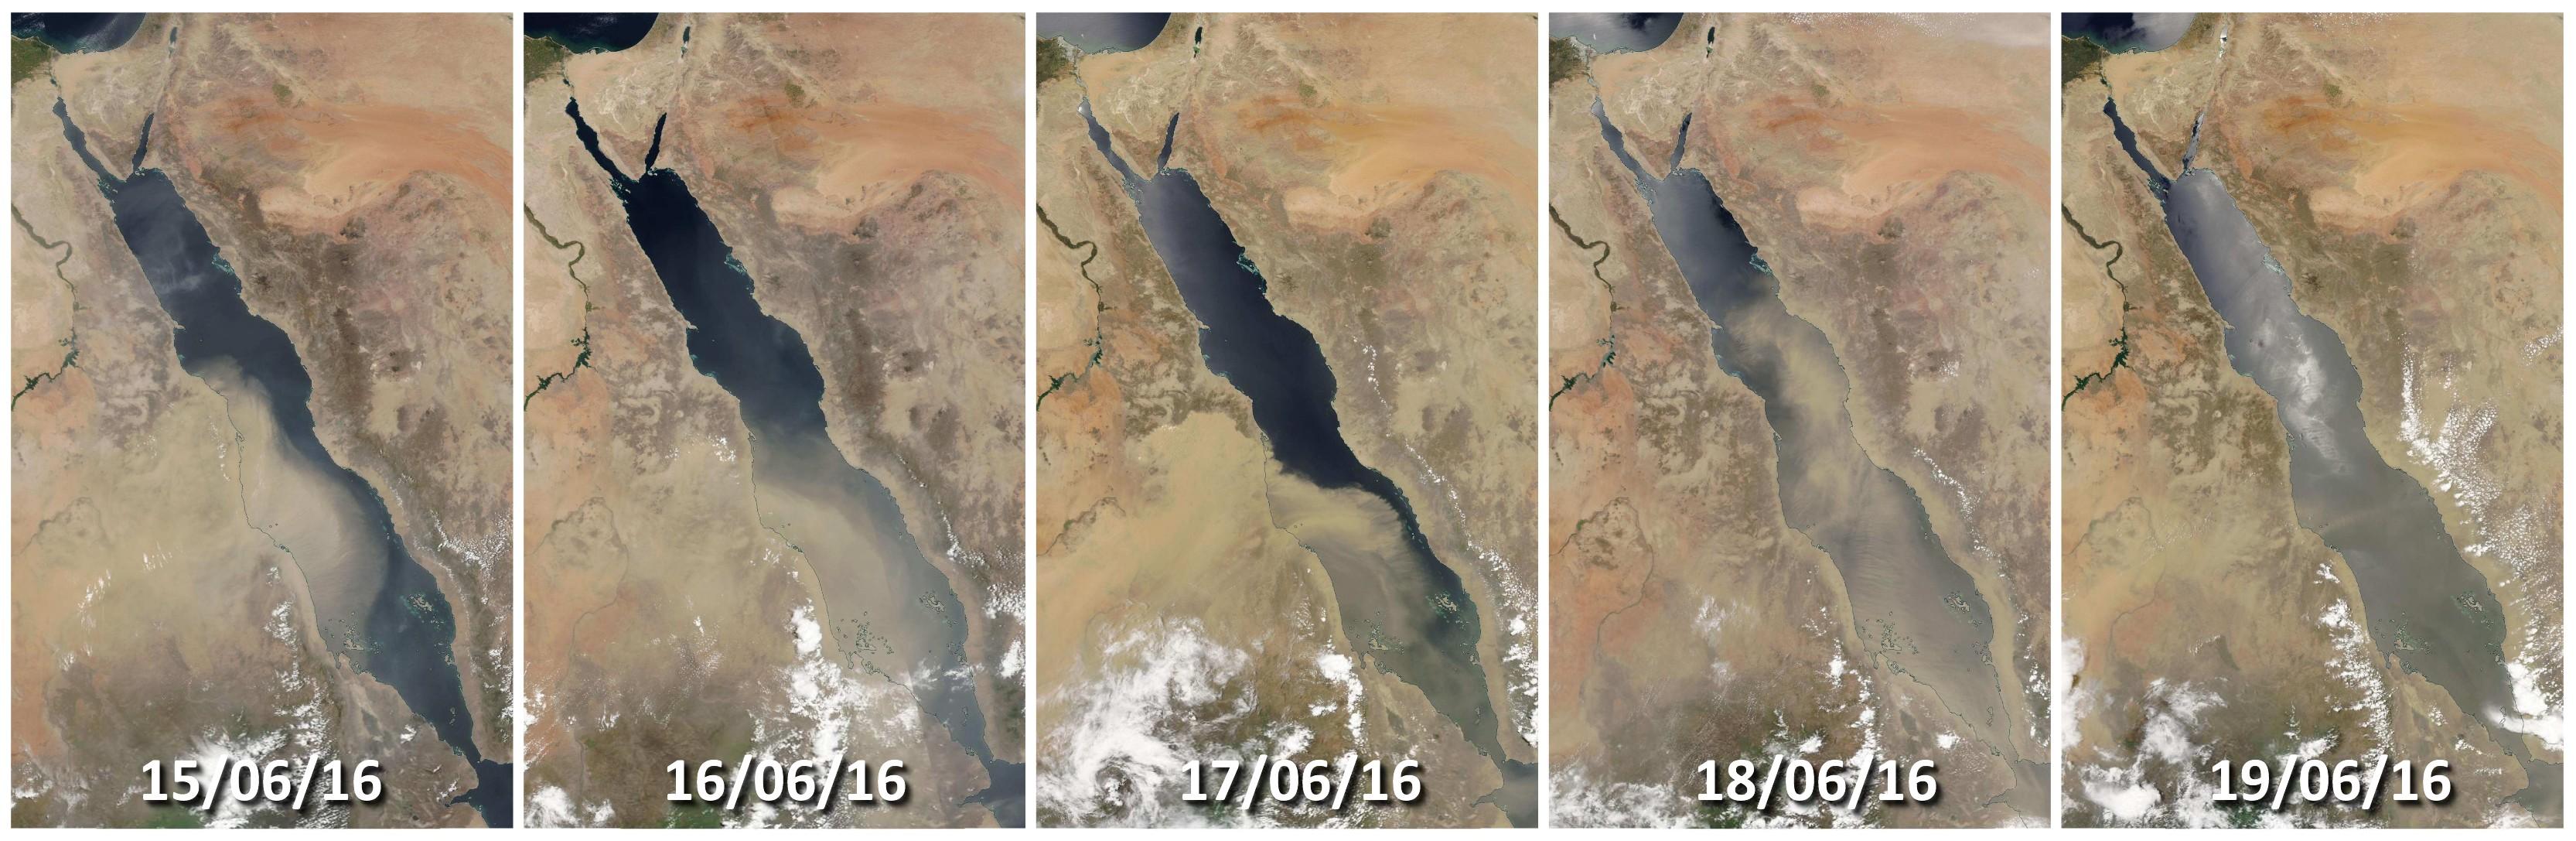 Suomi NPP - Tempête de sable - Nuages de sable - Mer rouge - Sand - Egypte - NASA - Marchand de sable